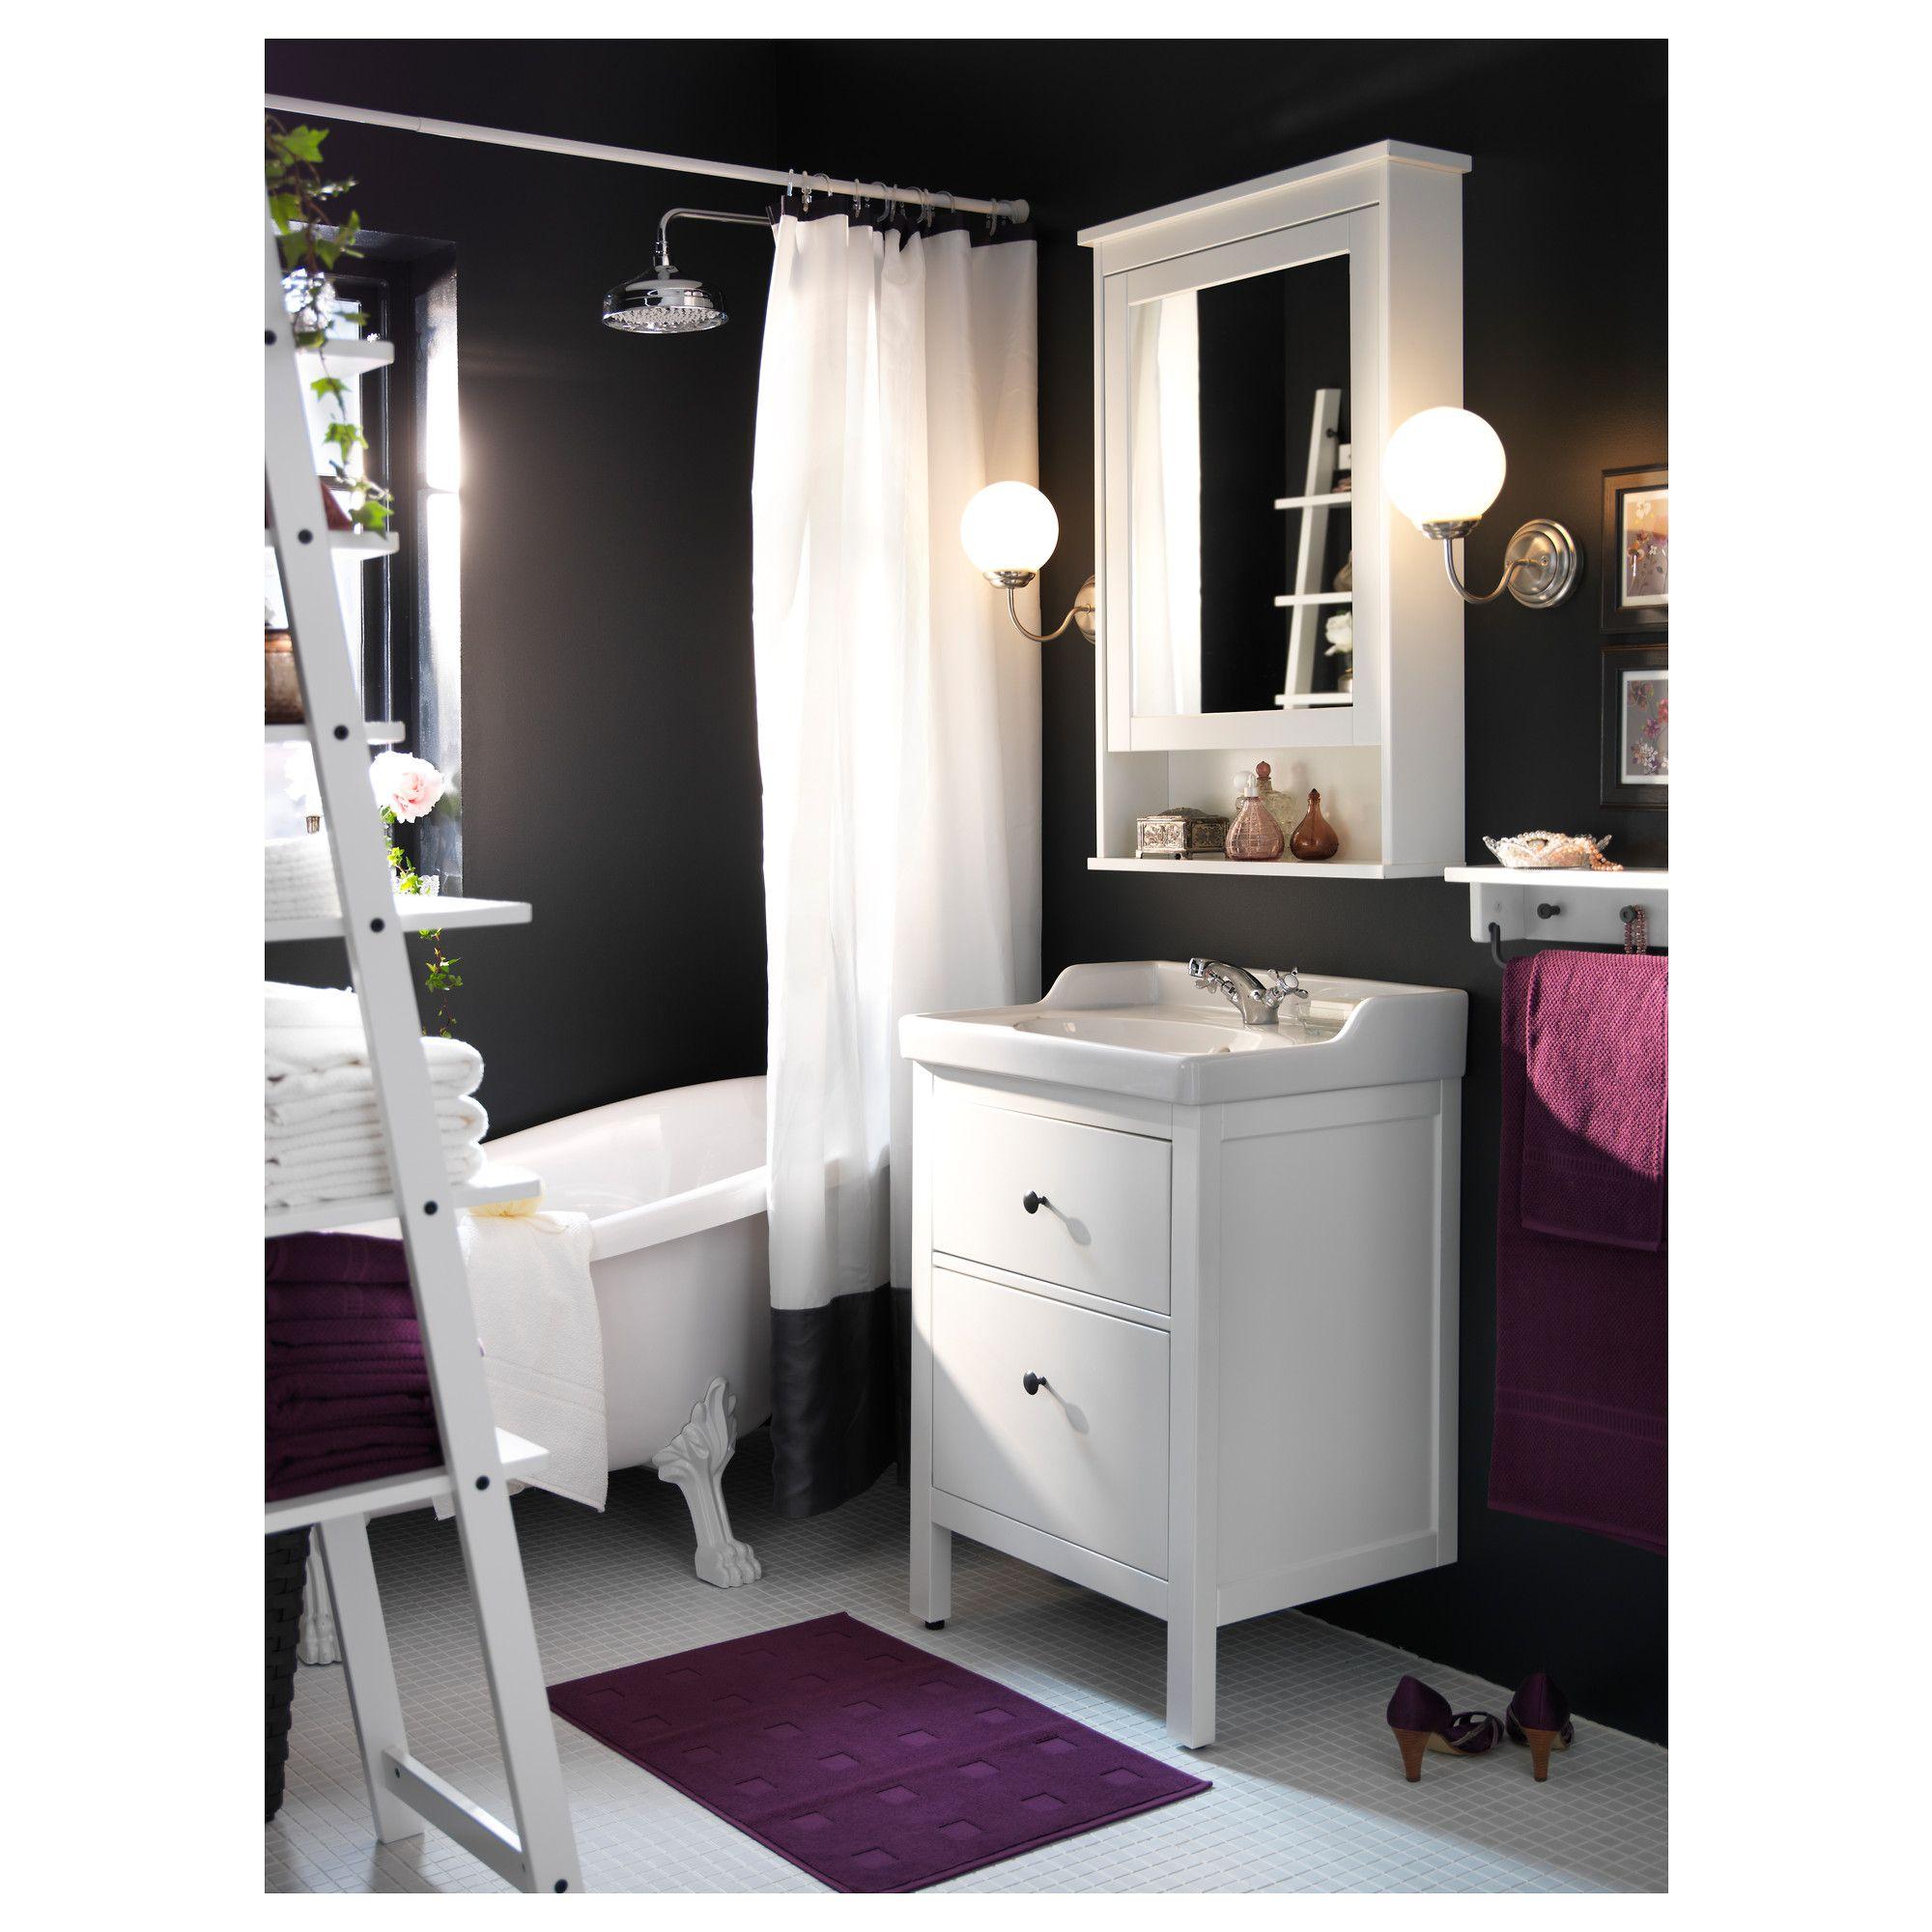 Images Of HEMNES Mirror cabinet with door White xx cm Mirror CabinetsHemnesBathroom MirrorsIkeaRoom Girl